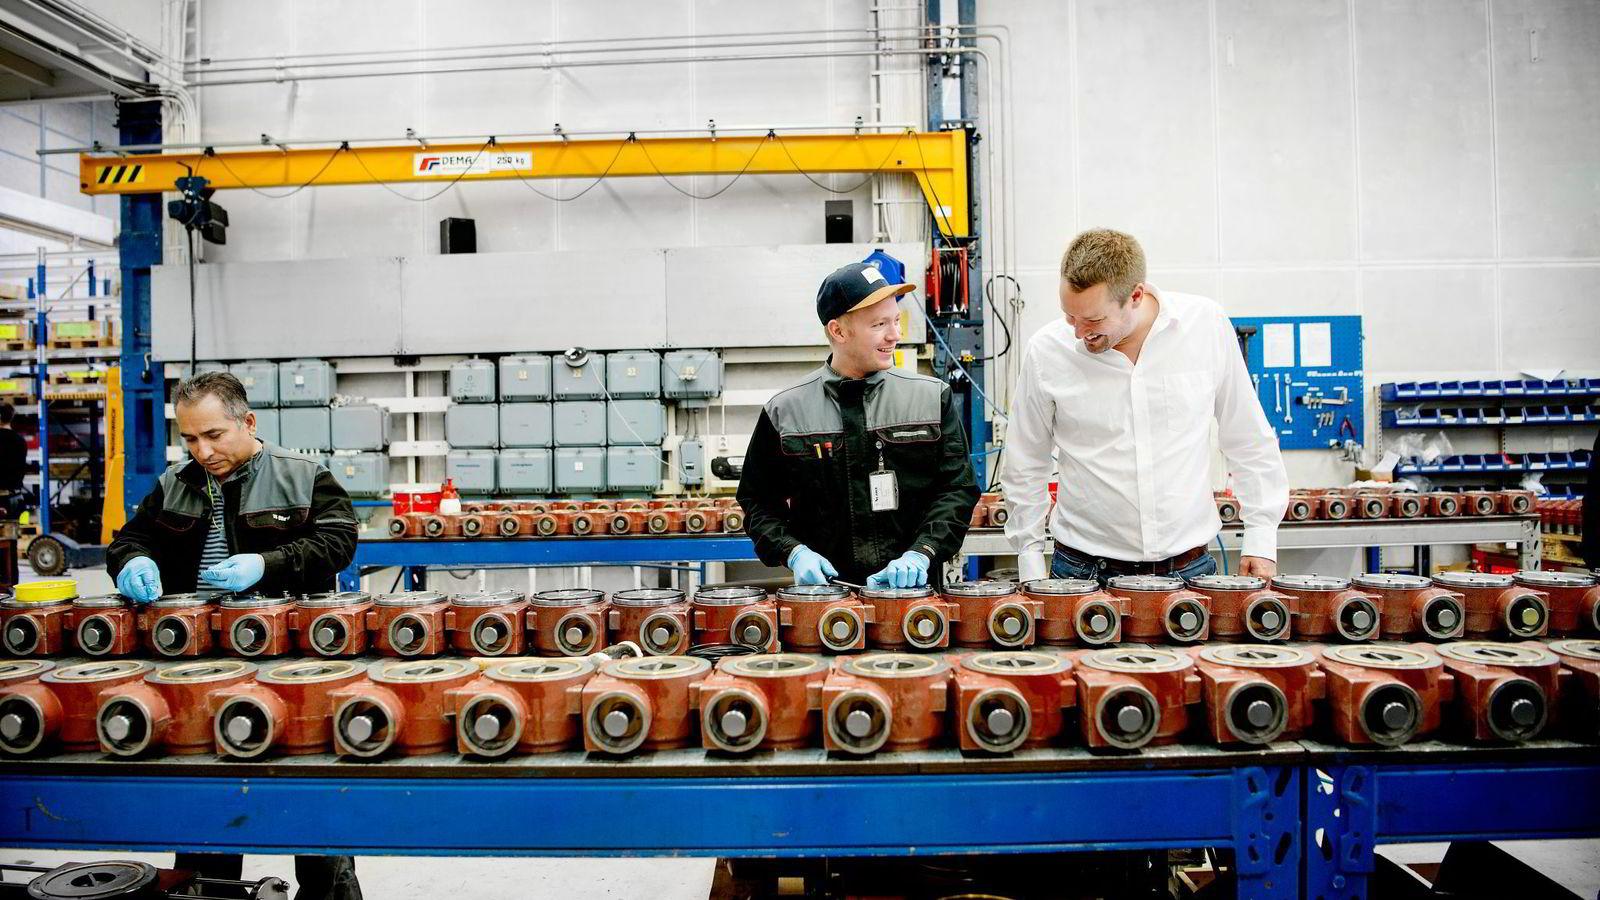 Administrerende direktør Tony André Håvelsrud (til høyre) i Scana Skarpenord utnytter rimelig norsk ingeniørkompetanse til å skape et nytt industrieventyr på Rjukan. Her snakker han med Christer A. Hansen. Til venstre, Orhan Minushi.                Alle foto: Mikaela Berg